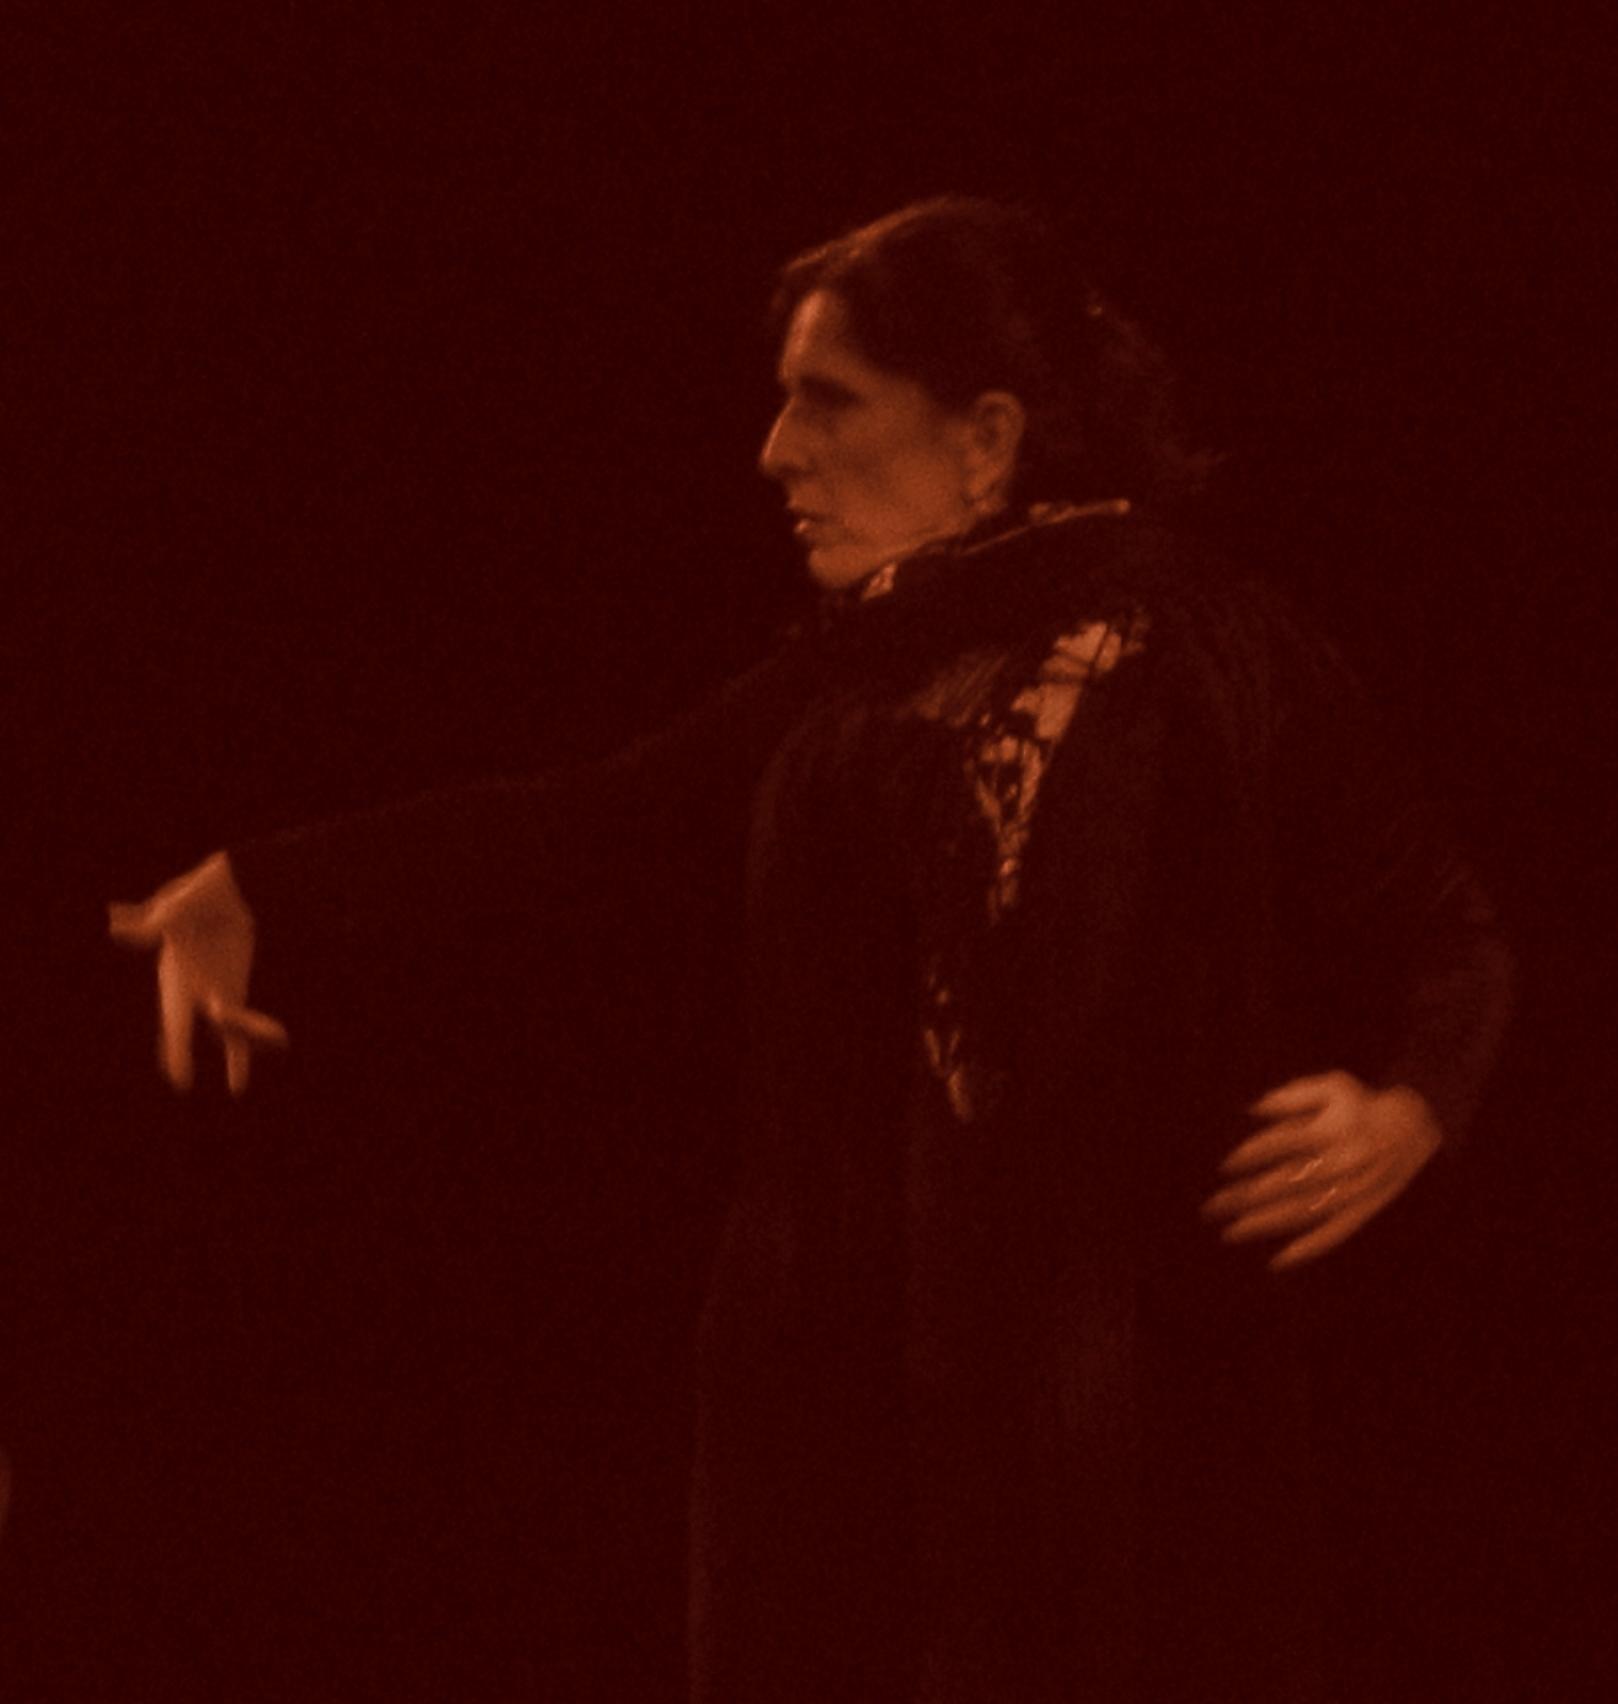 Natalia Monteleon